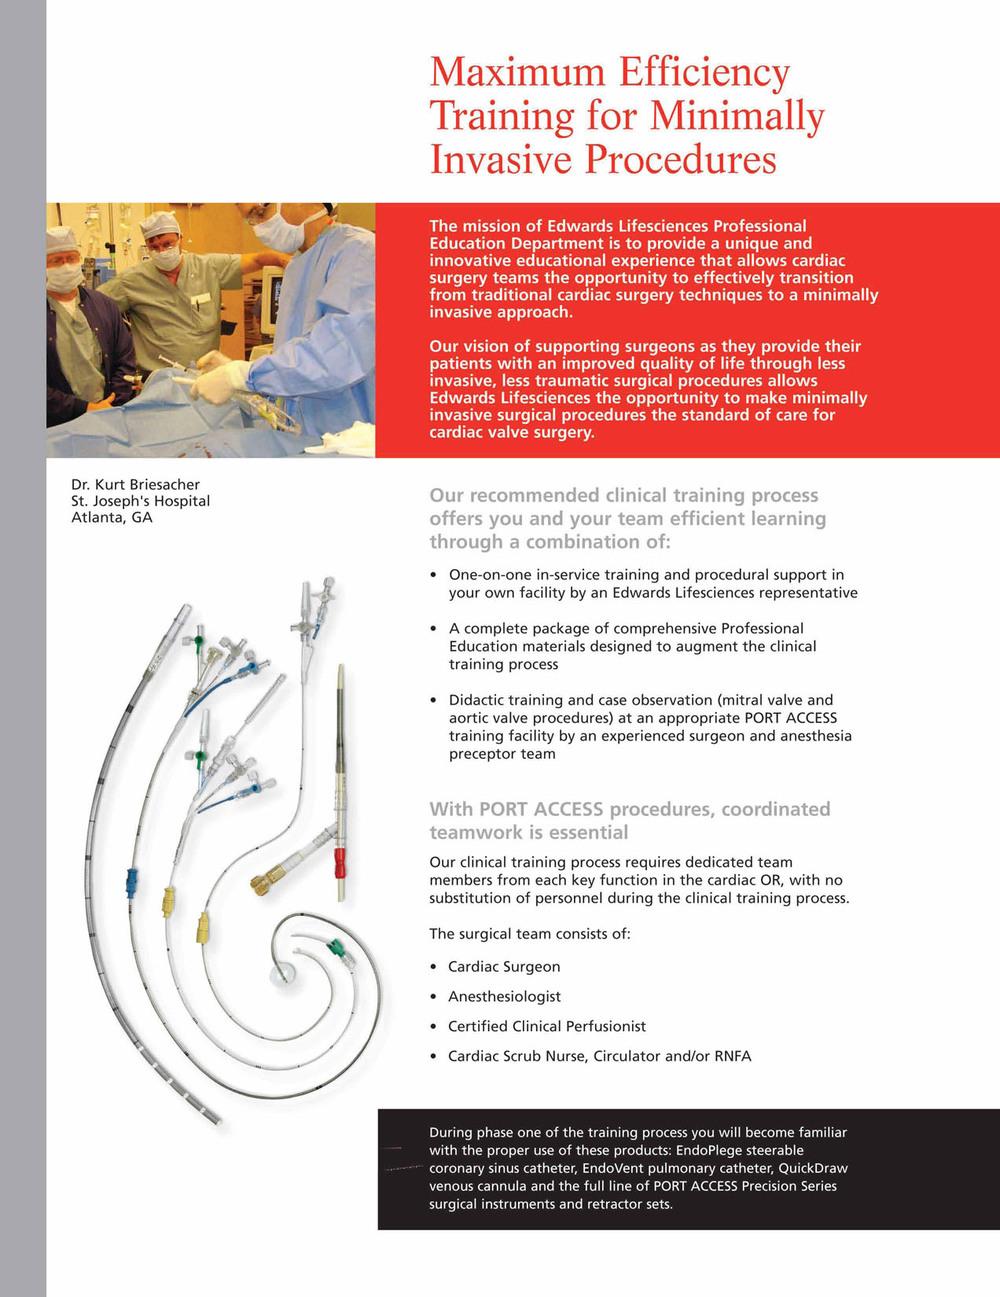 Edwards Prof Ed 11-18_Page_2.jpg